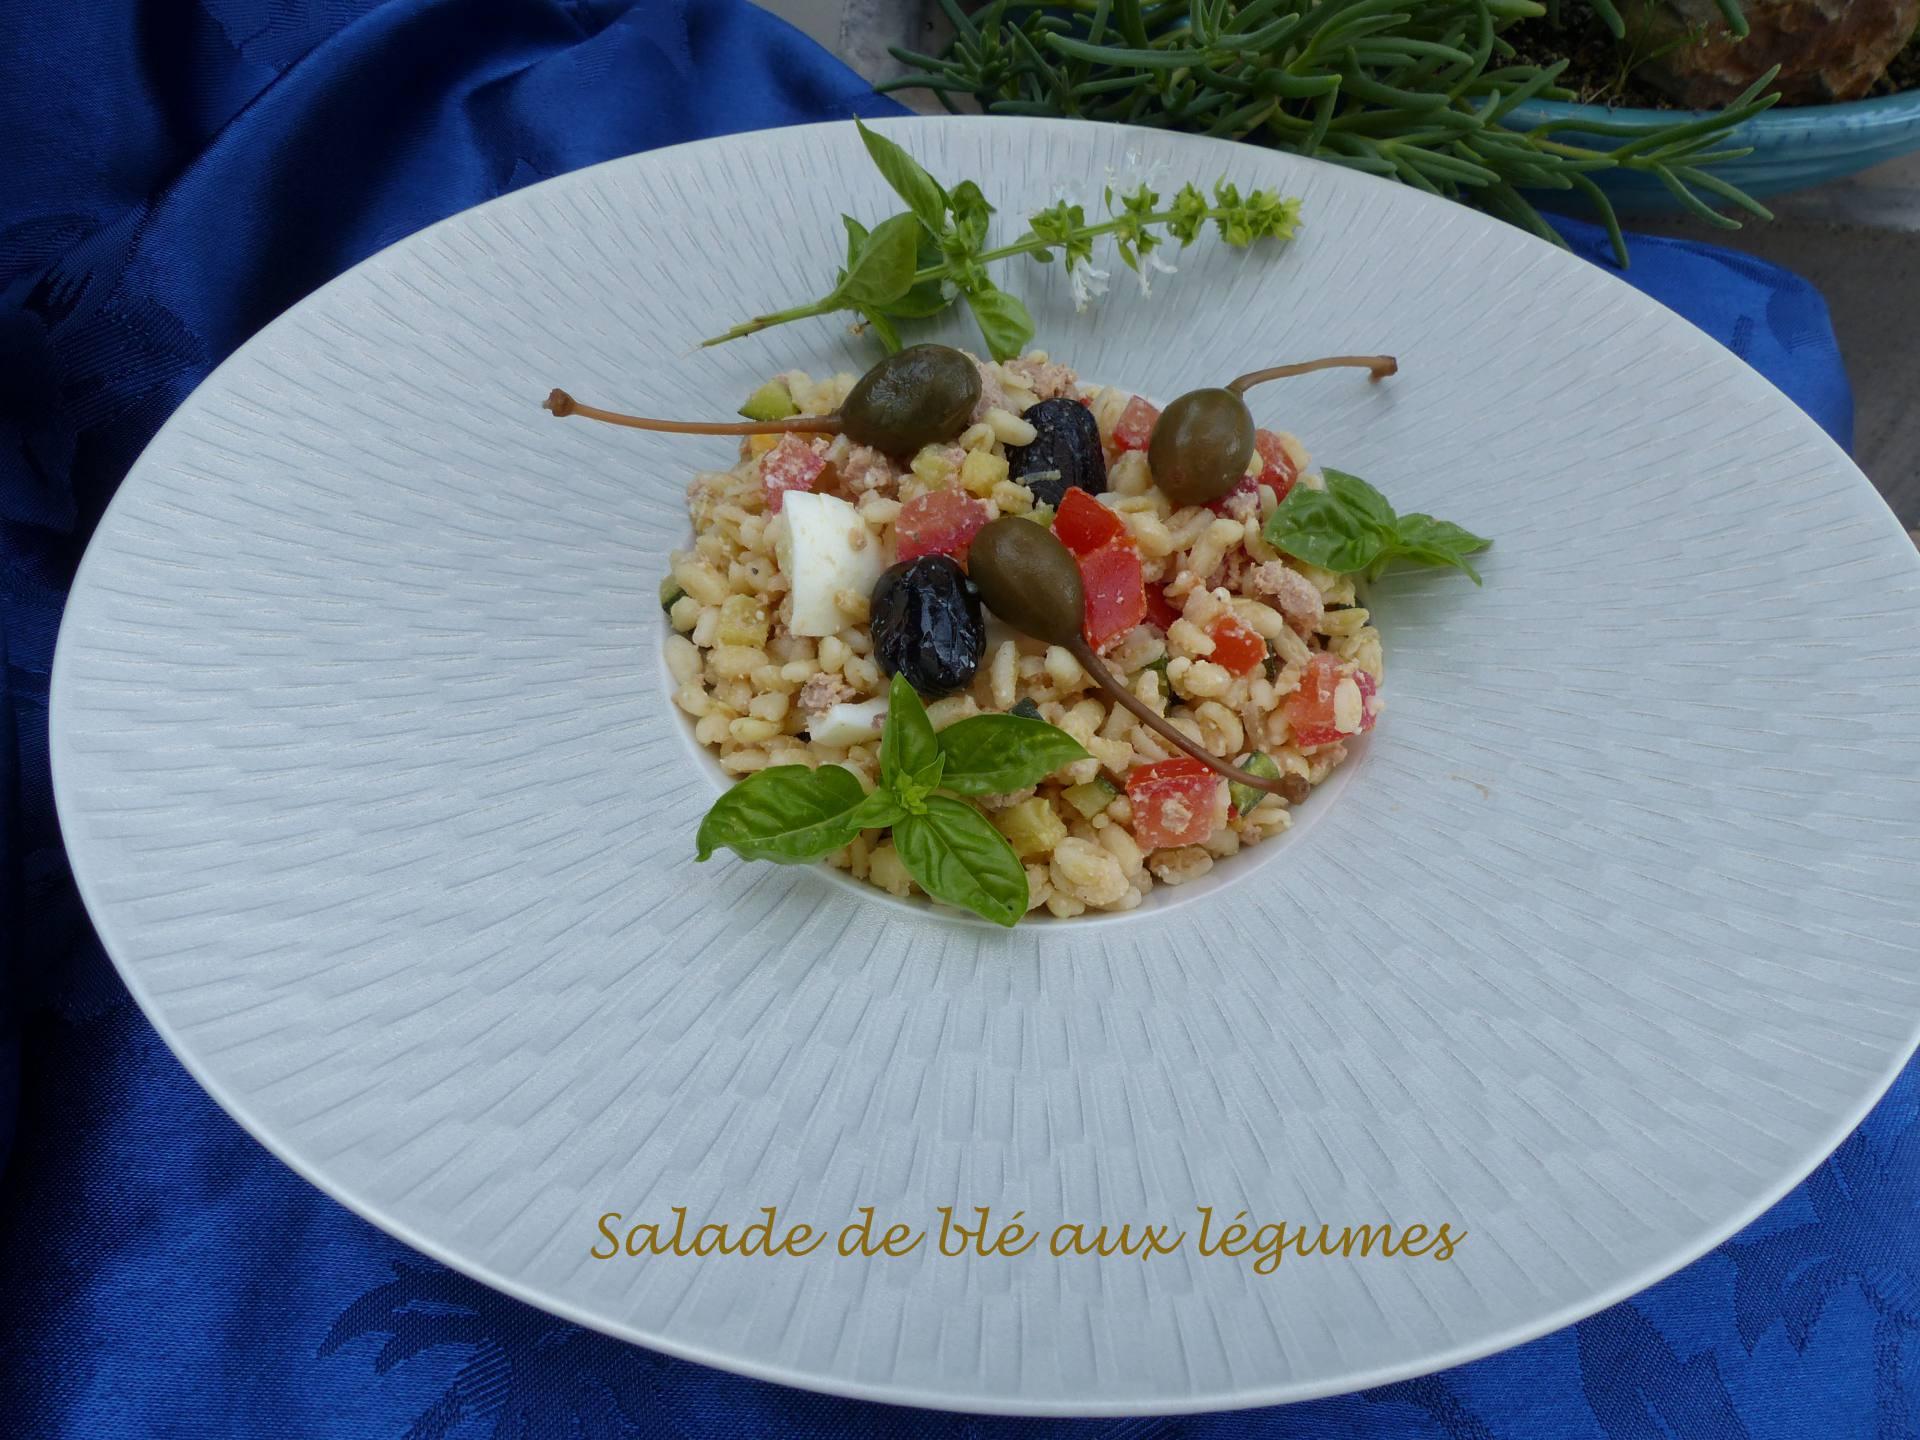 Salade de blé aux légumes P1180755 R